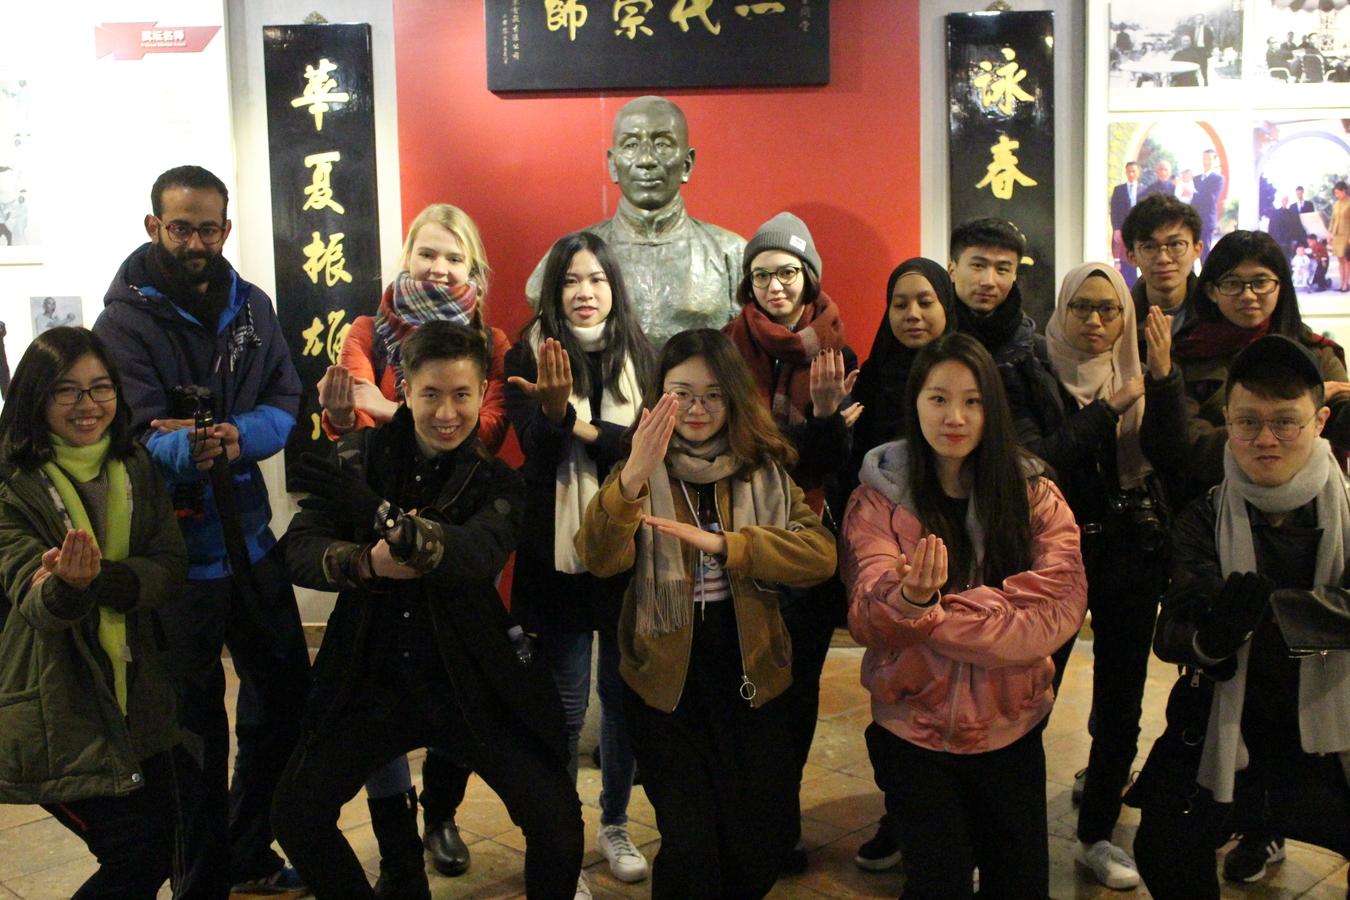 Explore China in Guangzhou 12.0